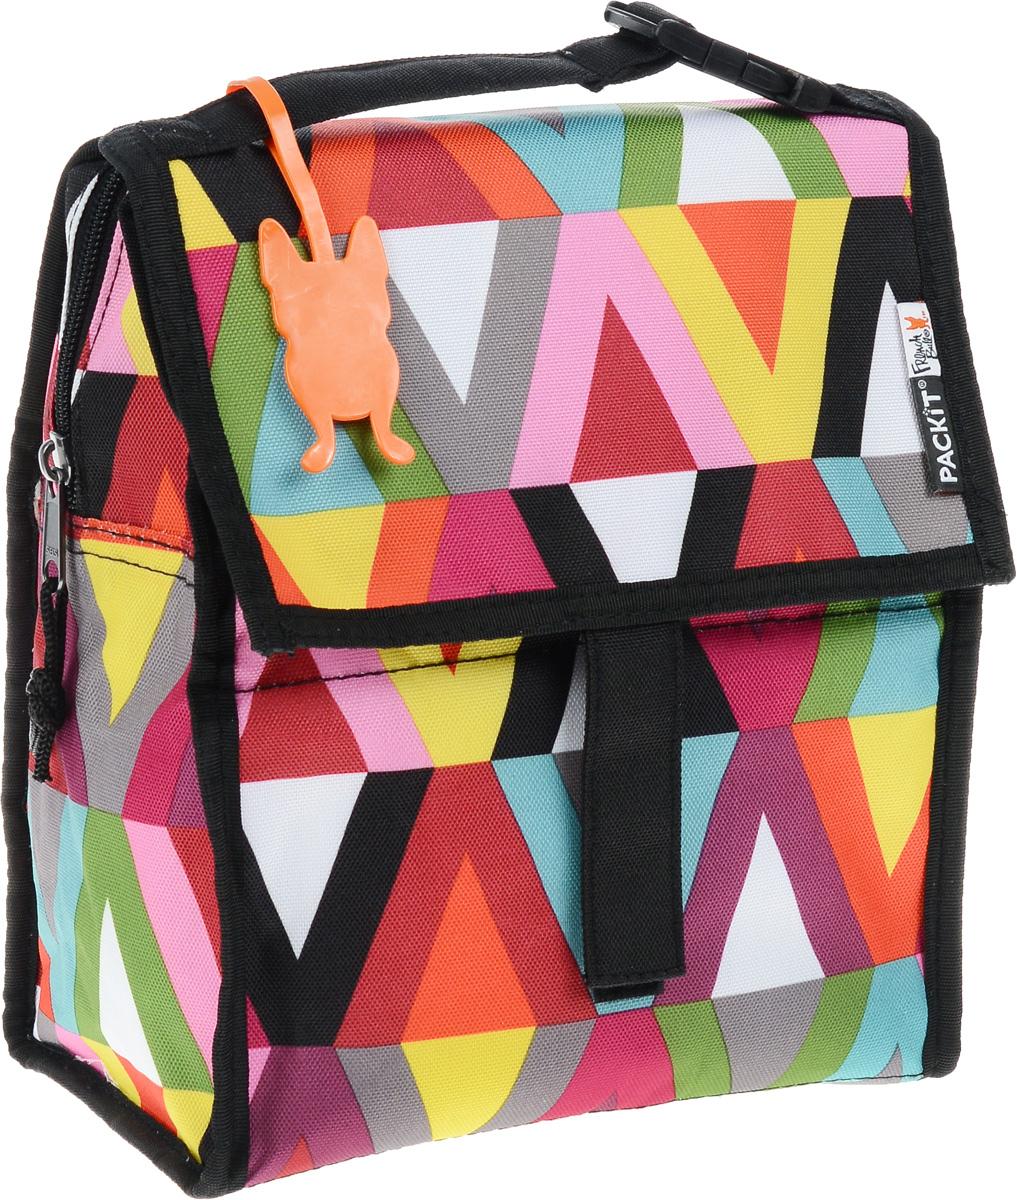 """Сумка-холодильник Packit """"Lunch Bag"""", складная, цвет: черный, розовый, зеленый, 4,5 л. 0007"""